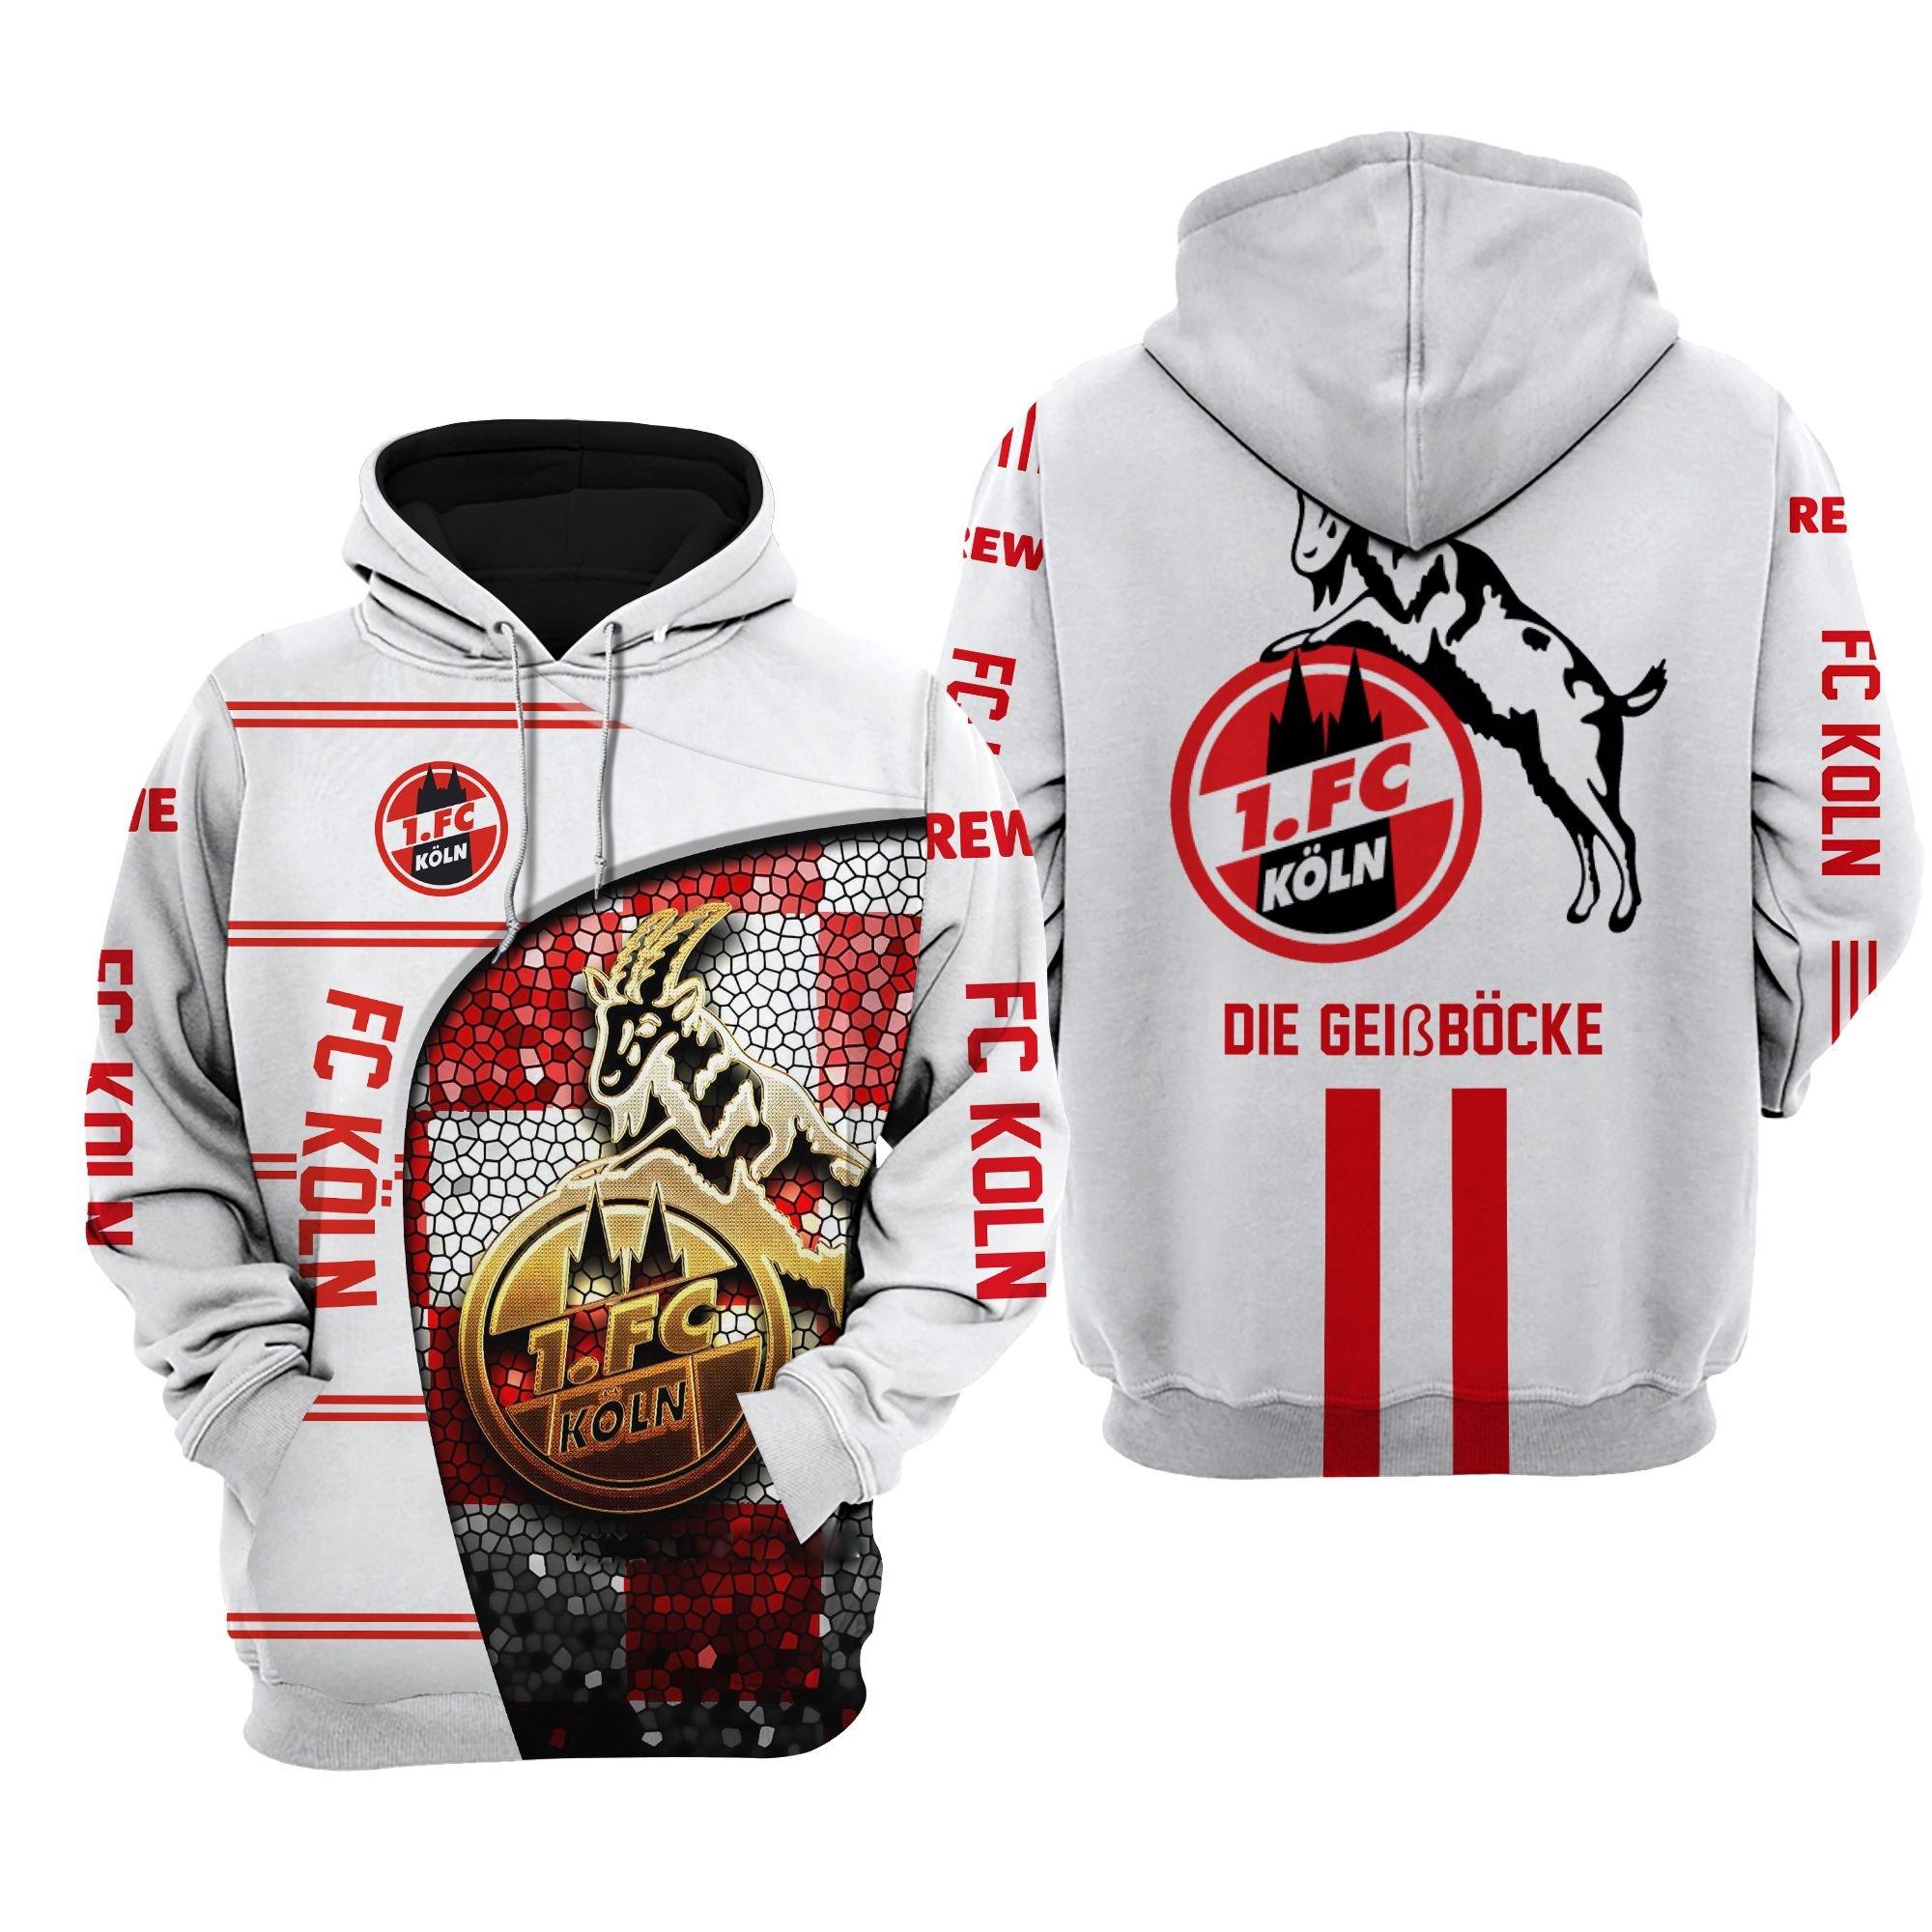 FC Koln Die GeiBbocke Hoodie 3D